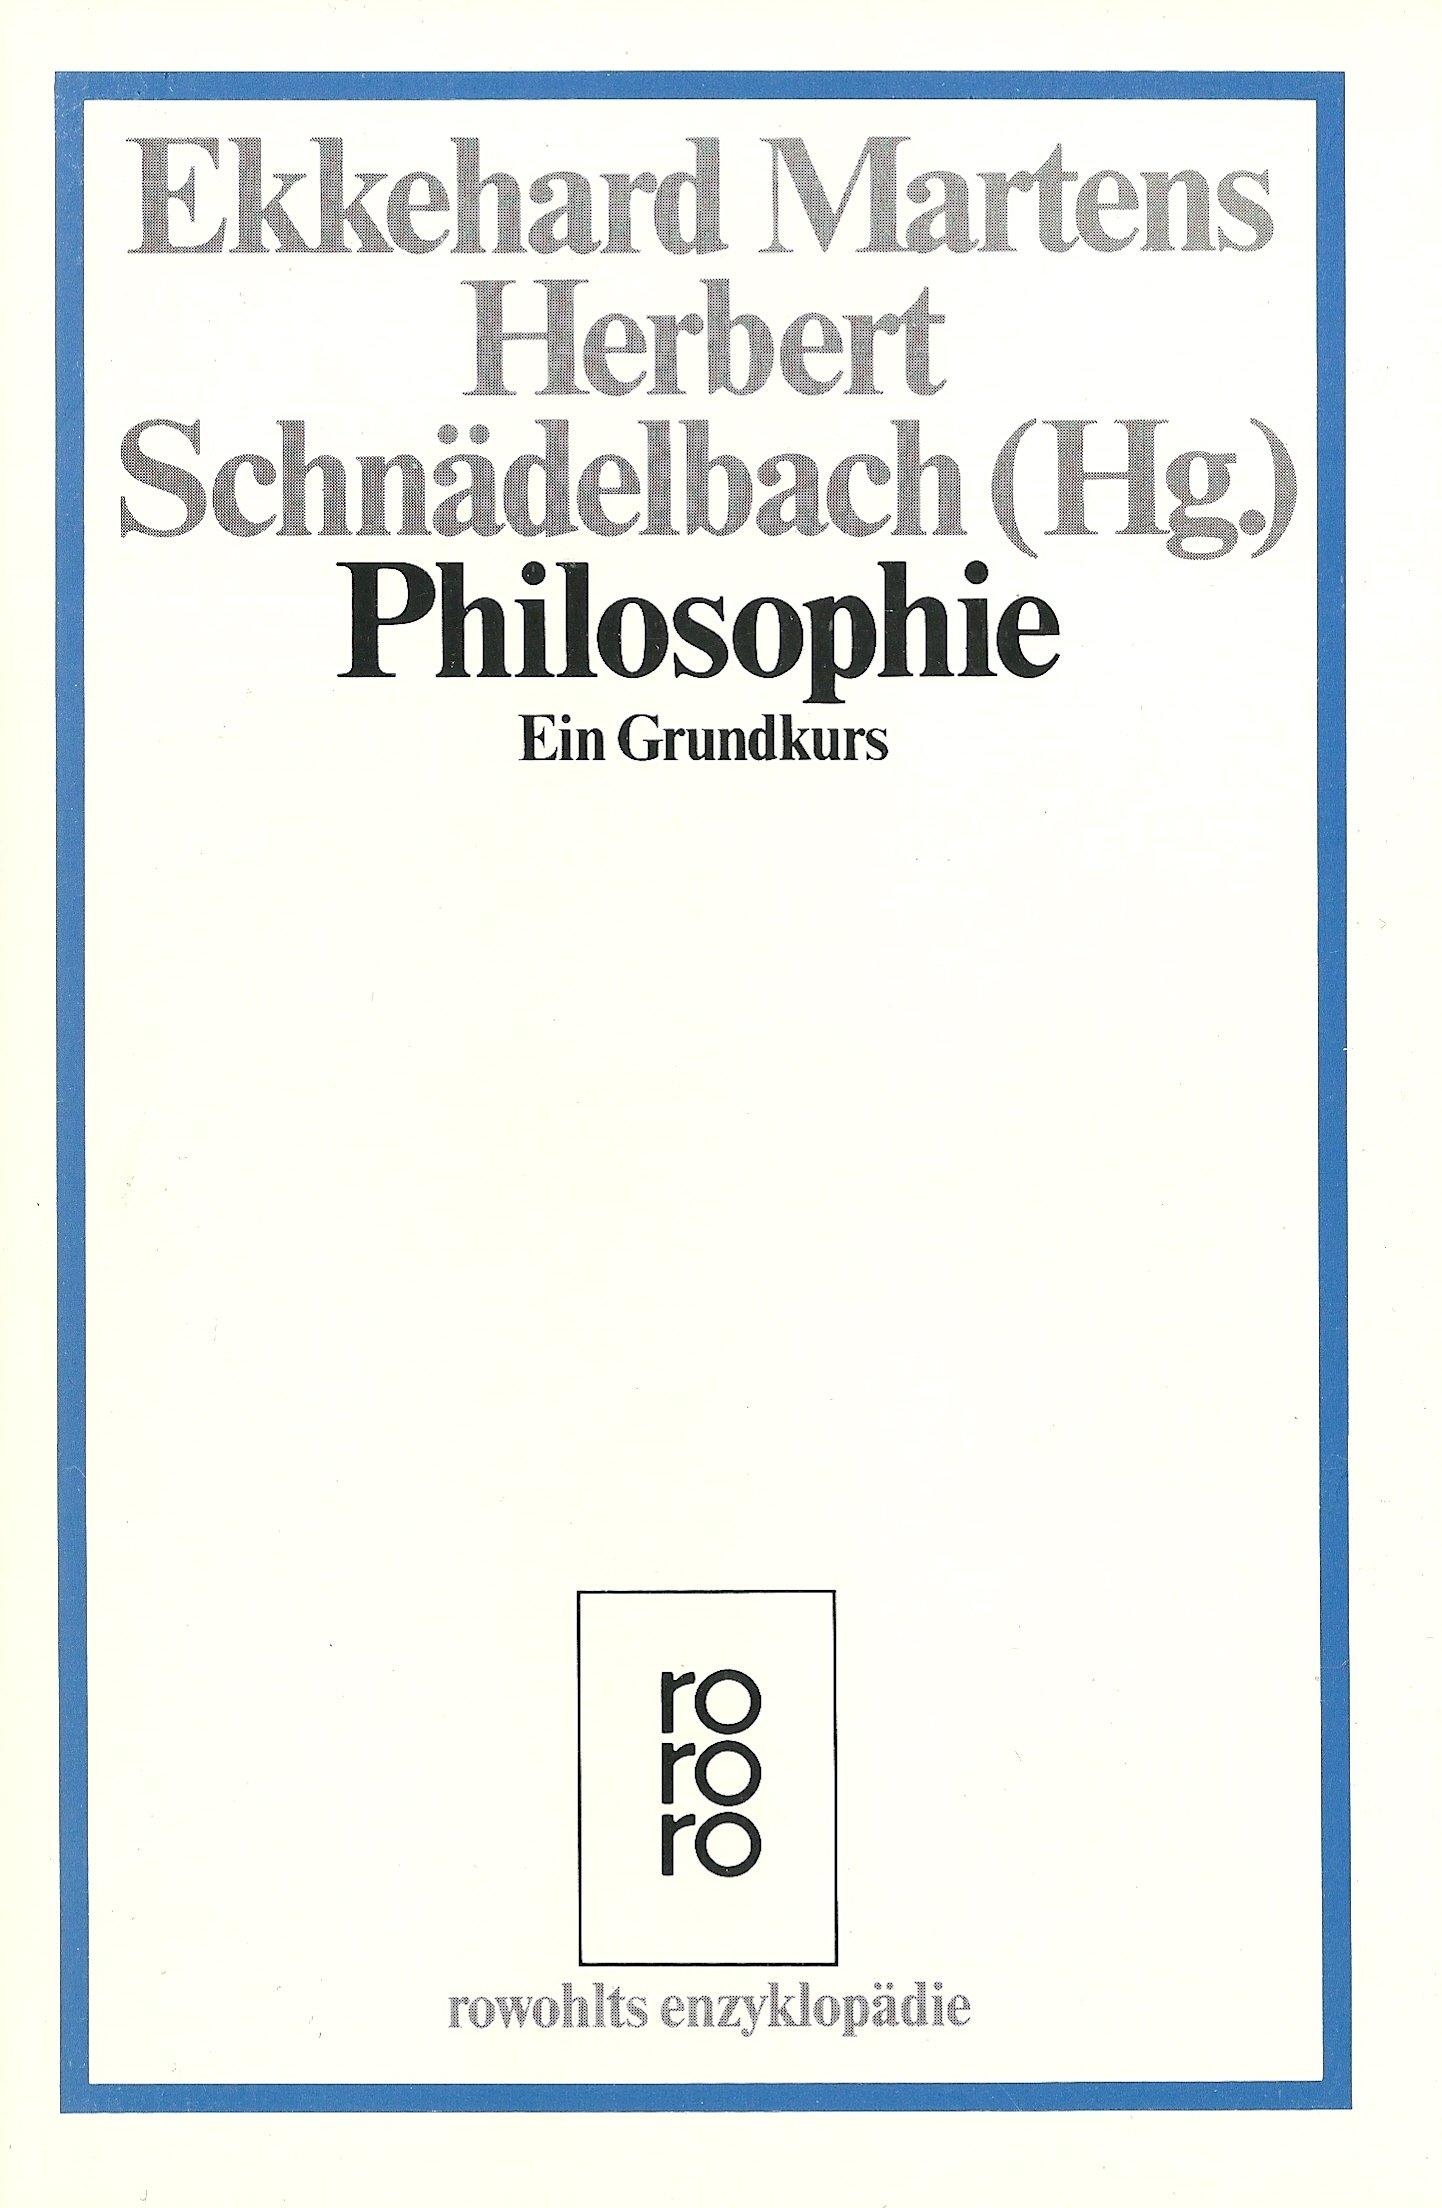 Philosophie. Ein Grundkurs (6706 223).